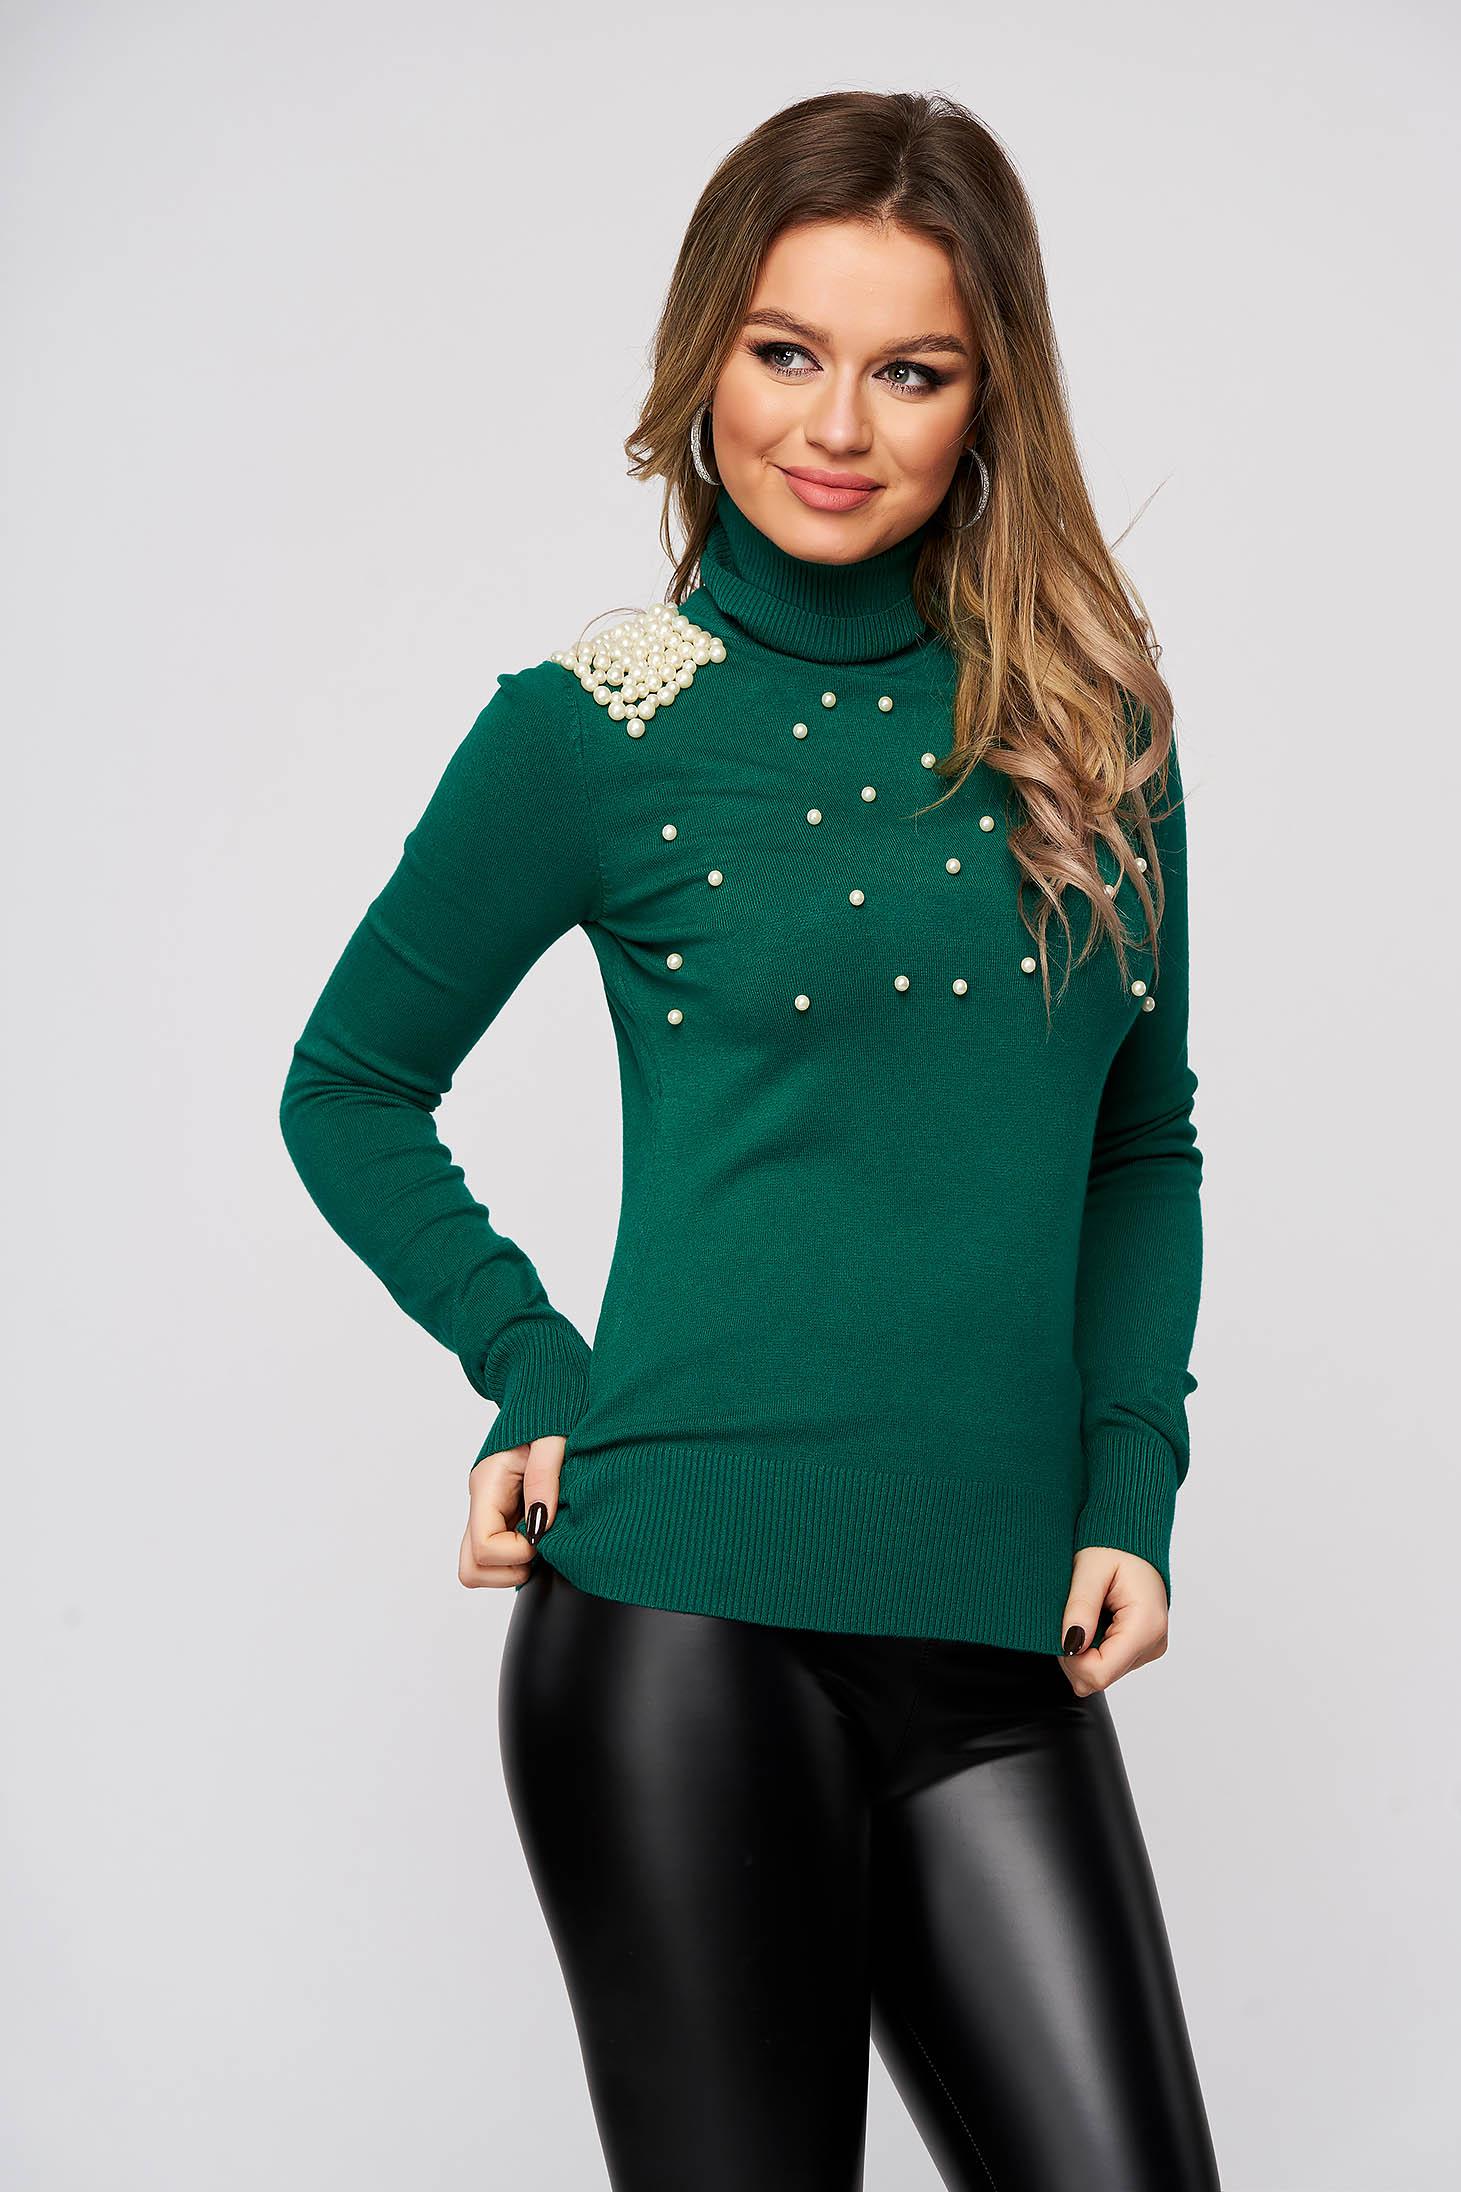 Pulover verde din material elastic si fin reiat mulat pe gat cu aplicatii cu perle